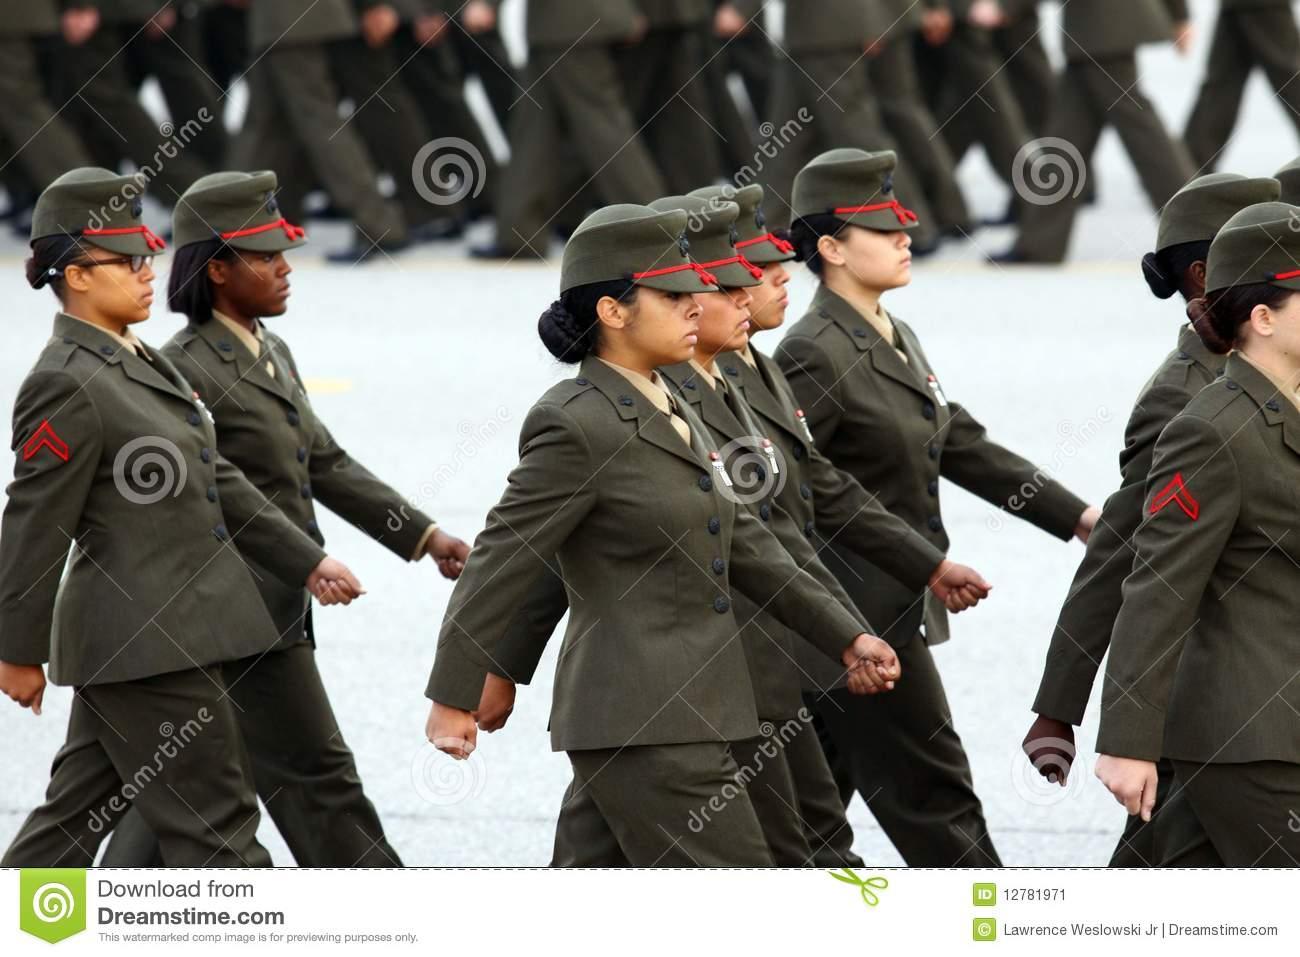 united-states-marine-corps-graduates-step-12781971.jpg